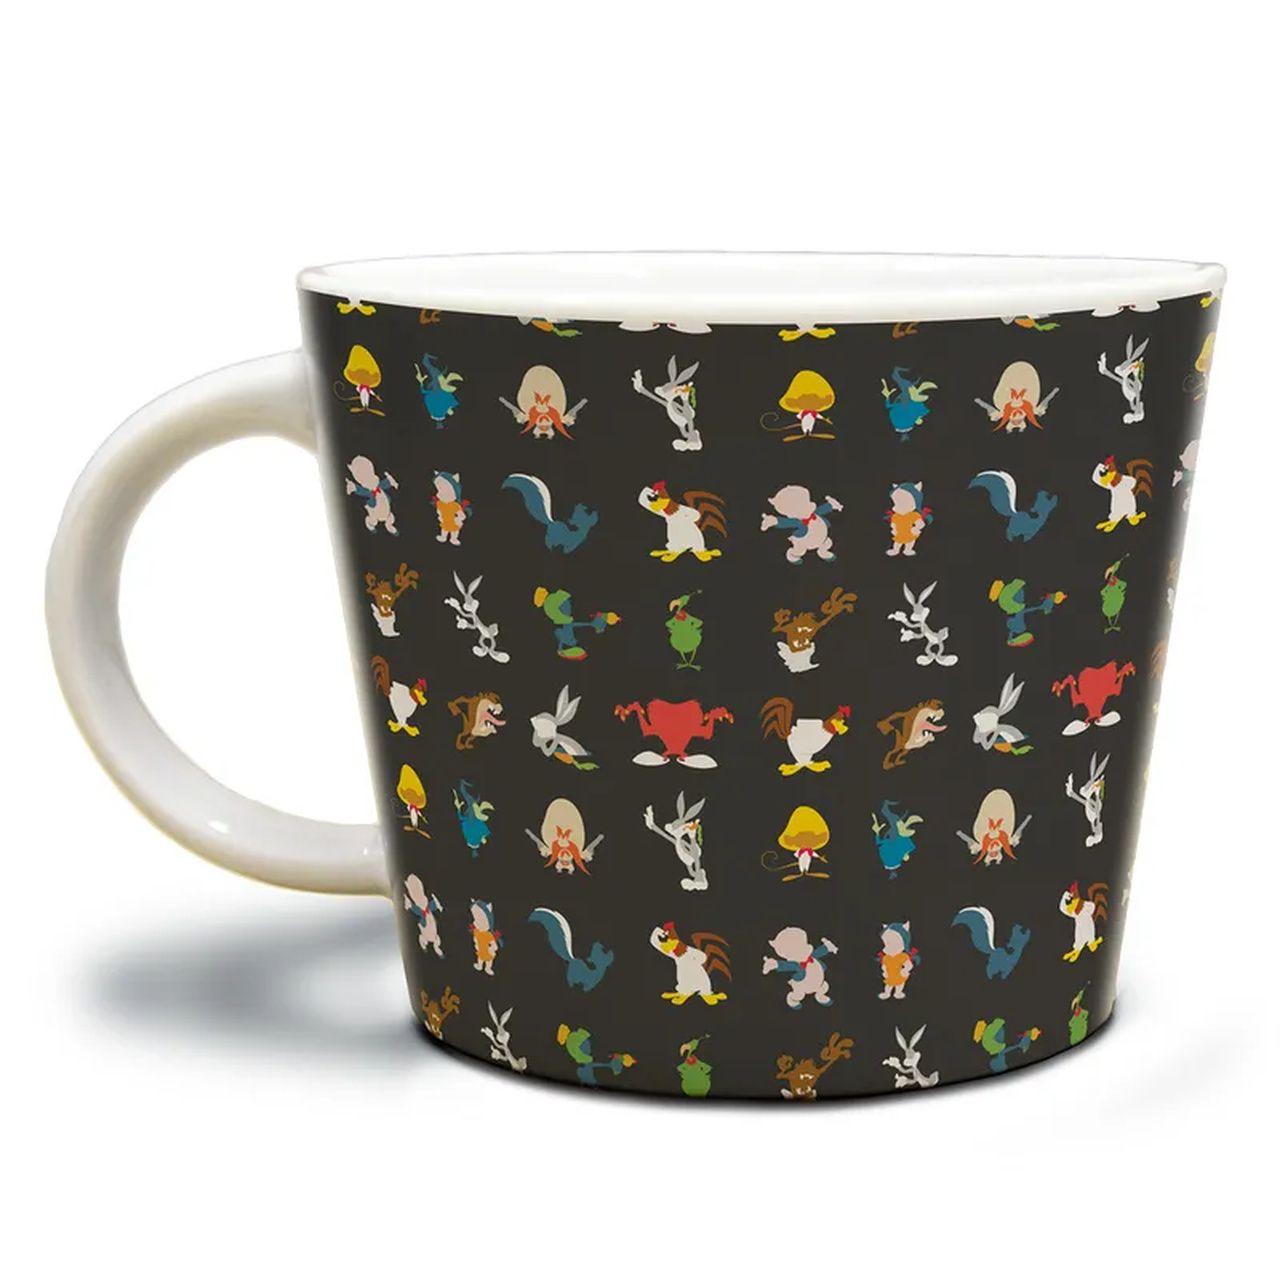 Caneca de Porcelana Looney Tunes (320ml) - Metropole